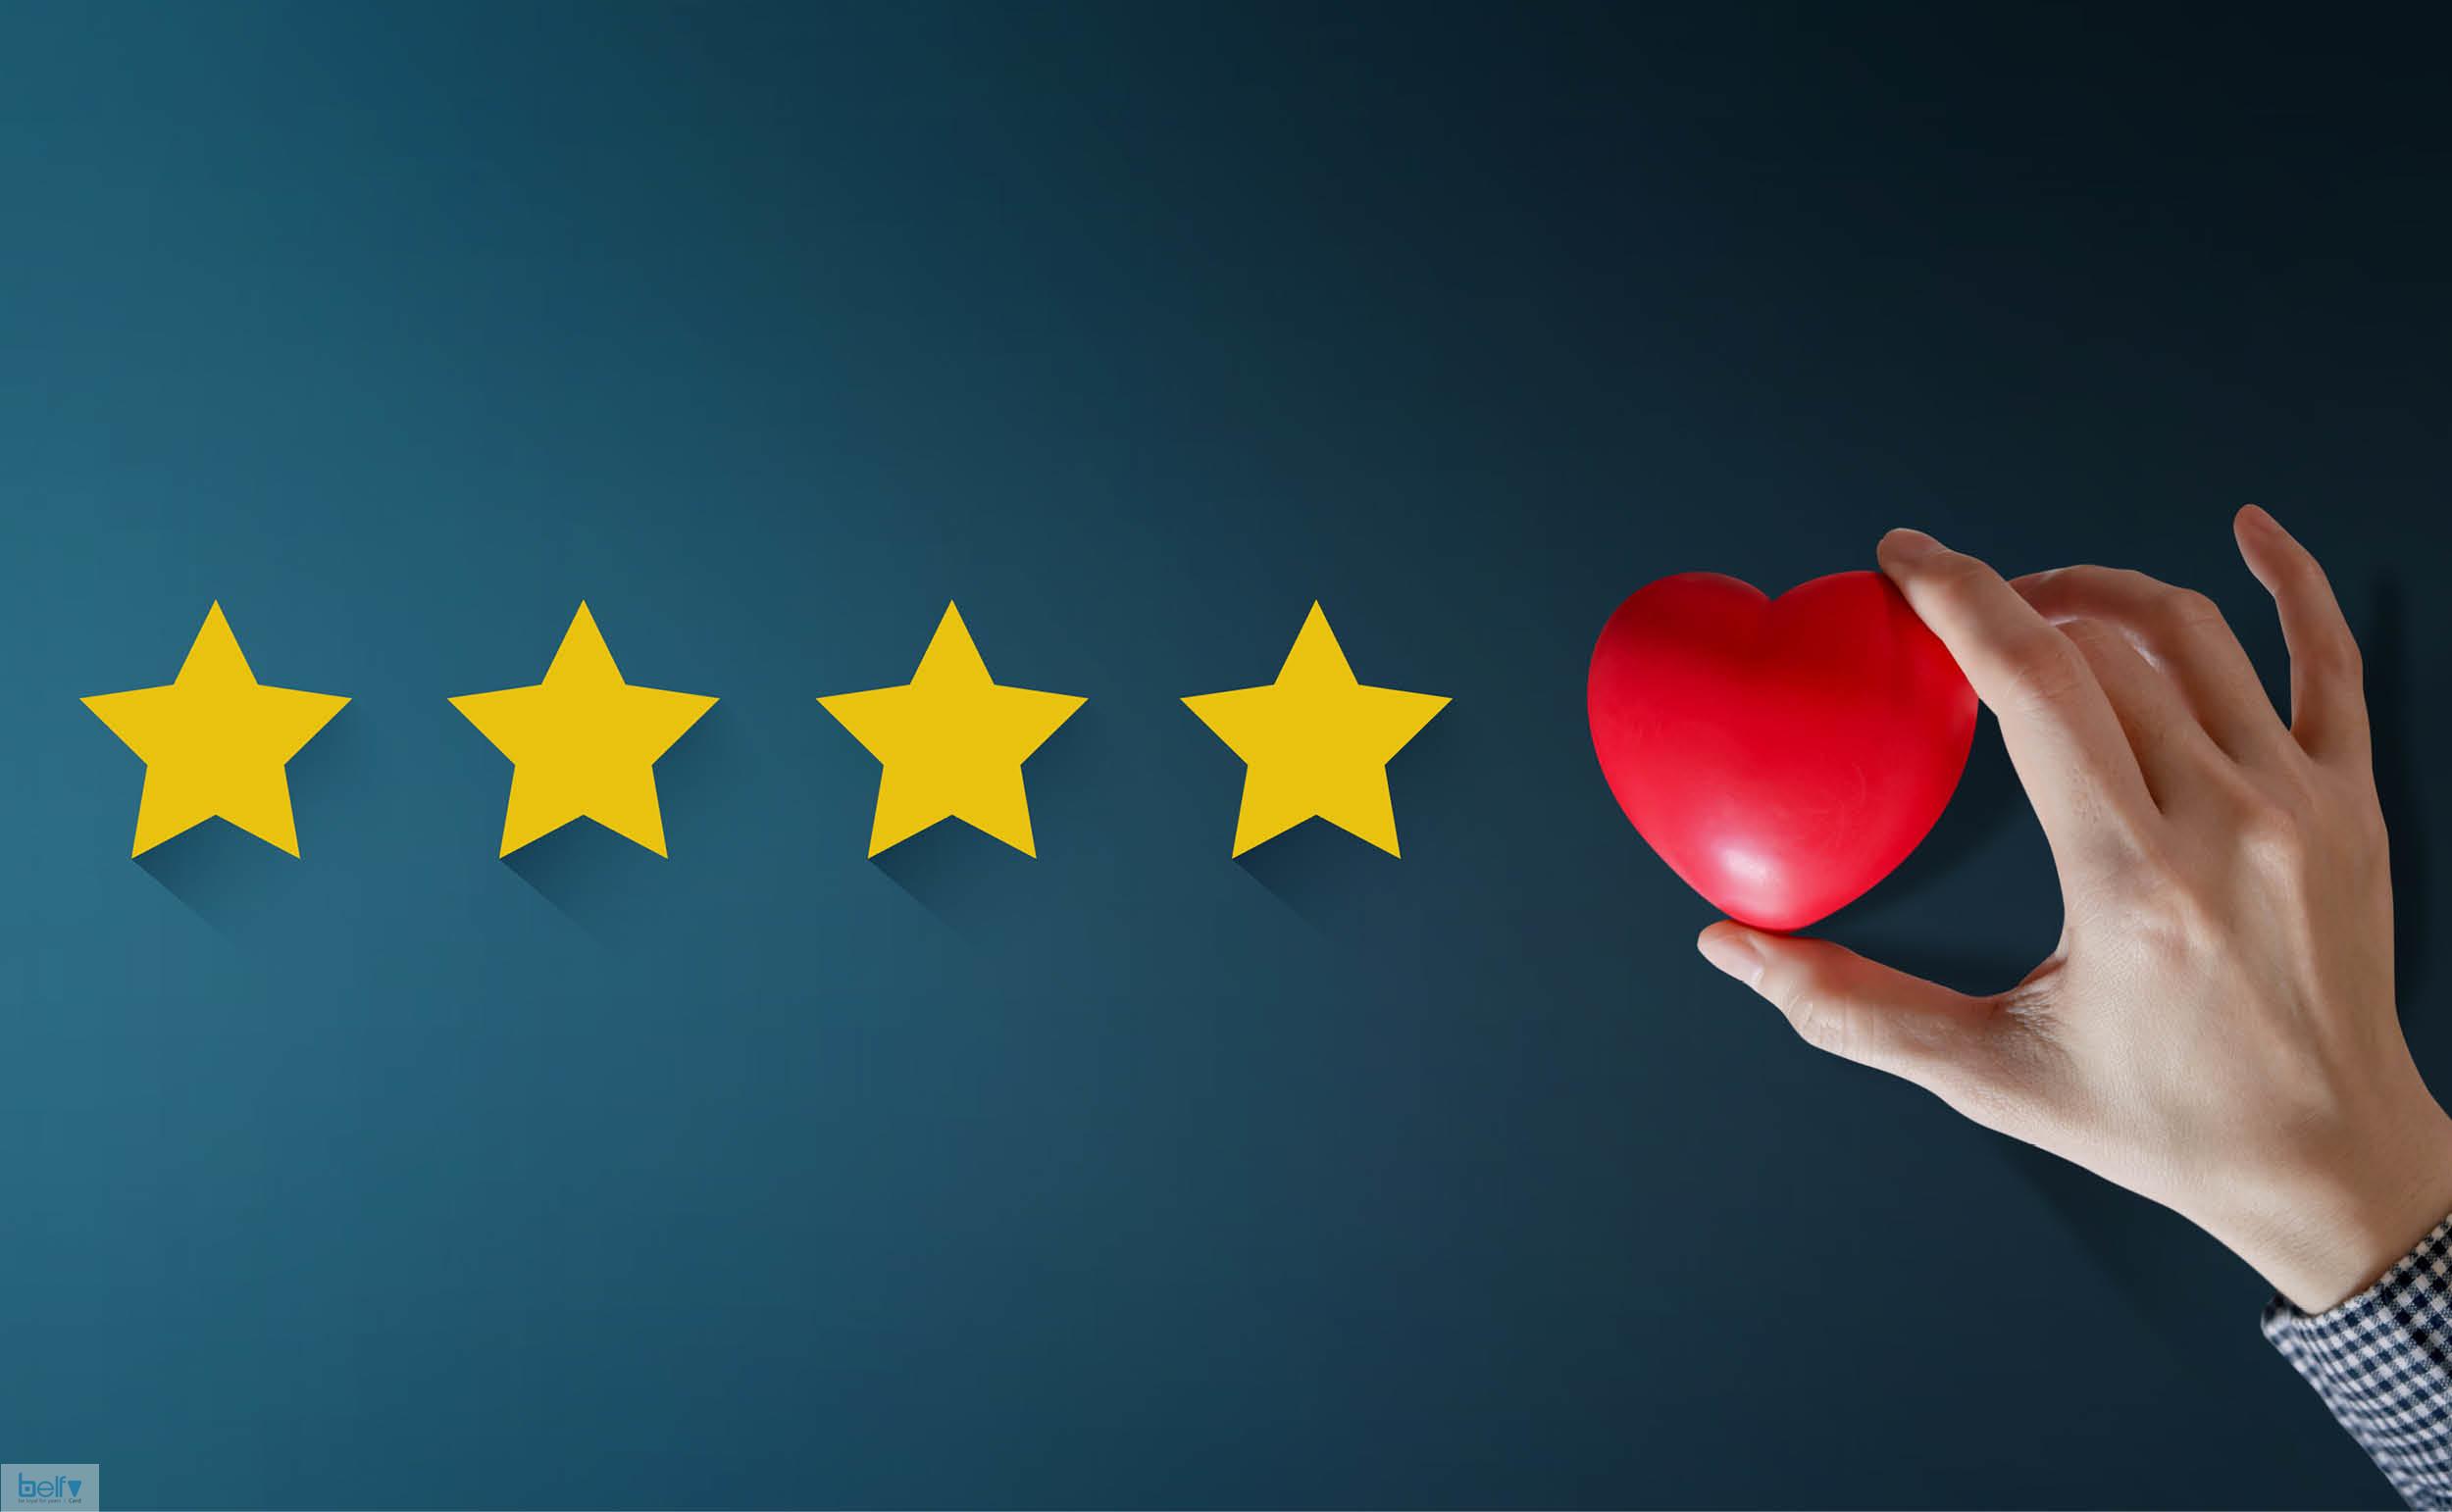 تفاوت رضایت مشتری با وفاداری مشتری